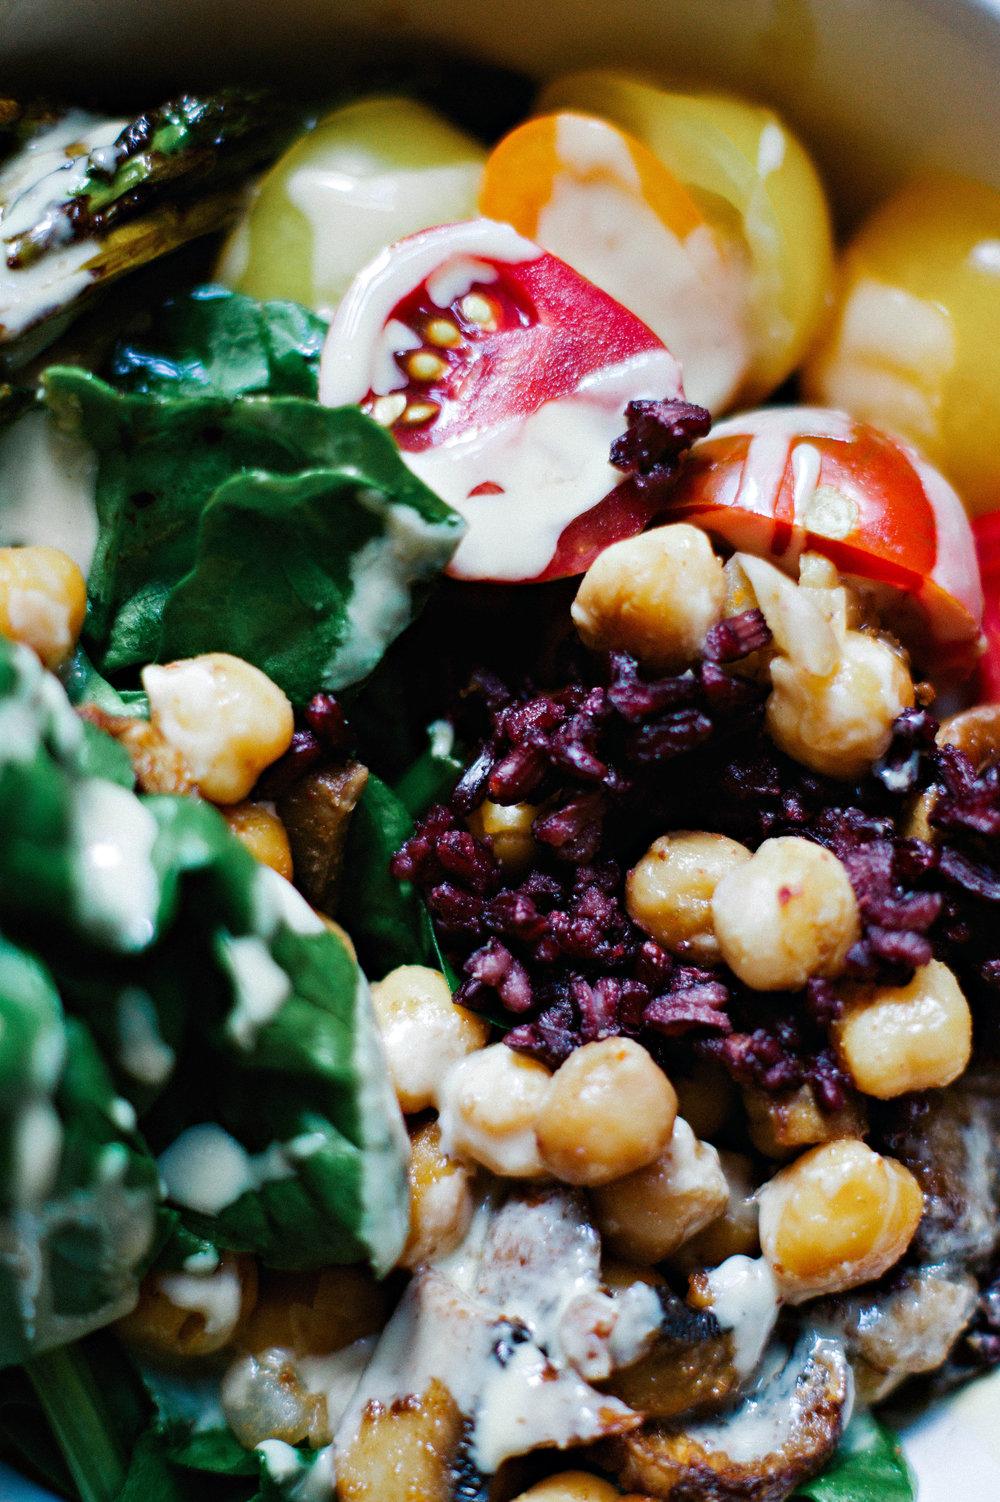 Roasted Chickpea & Mushroom Veggie Bowls